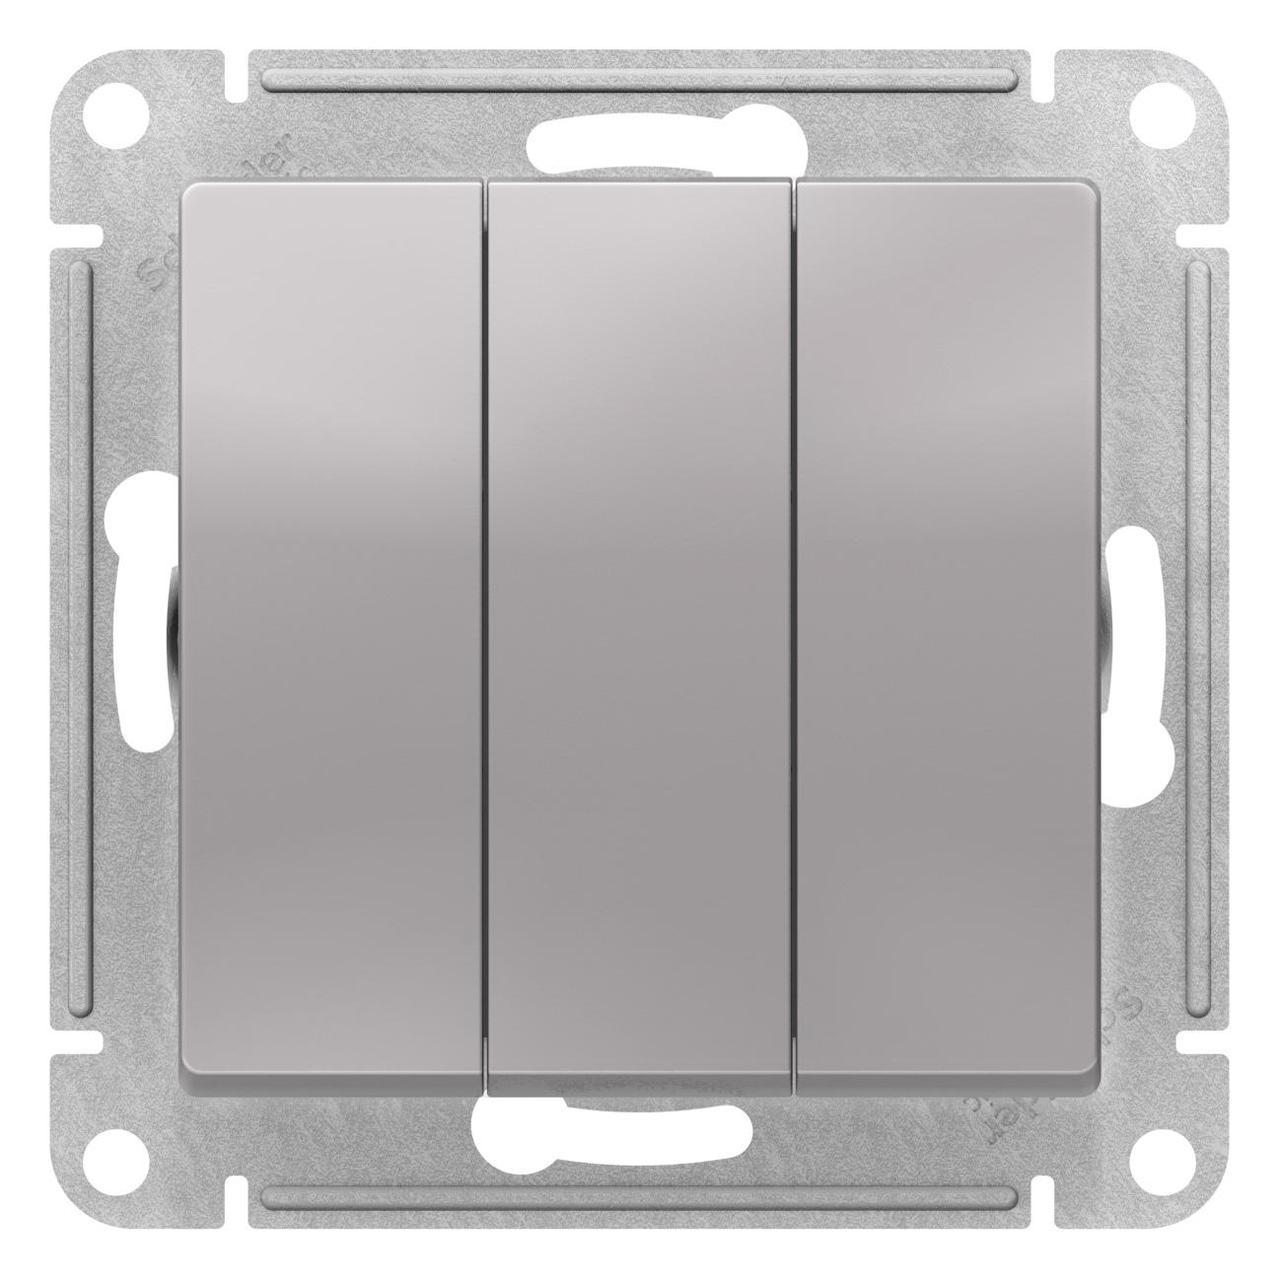 Выключатель 3-клавишный , Алюминий, серия Atlas Design, Schneider Electric